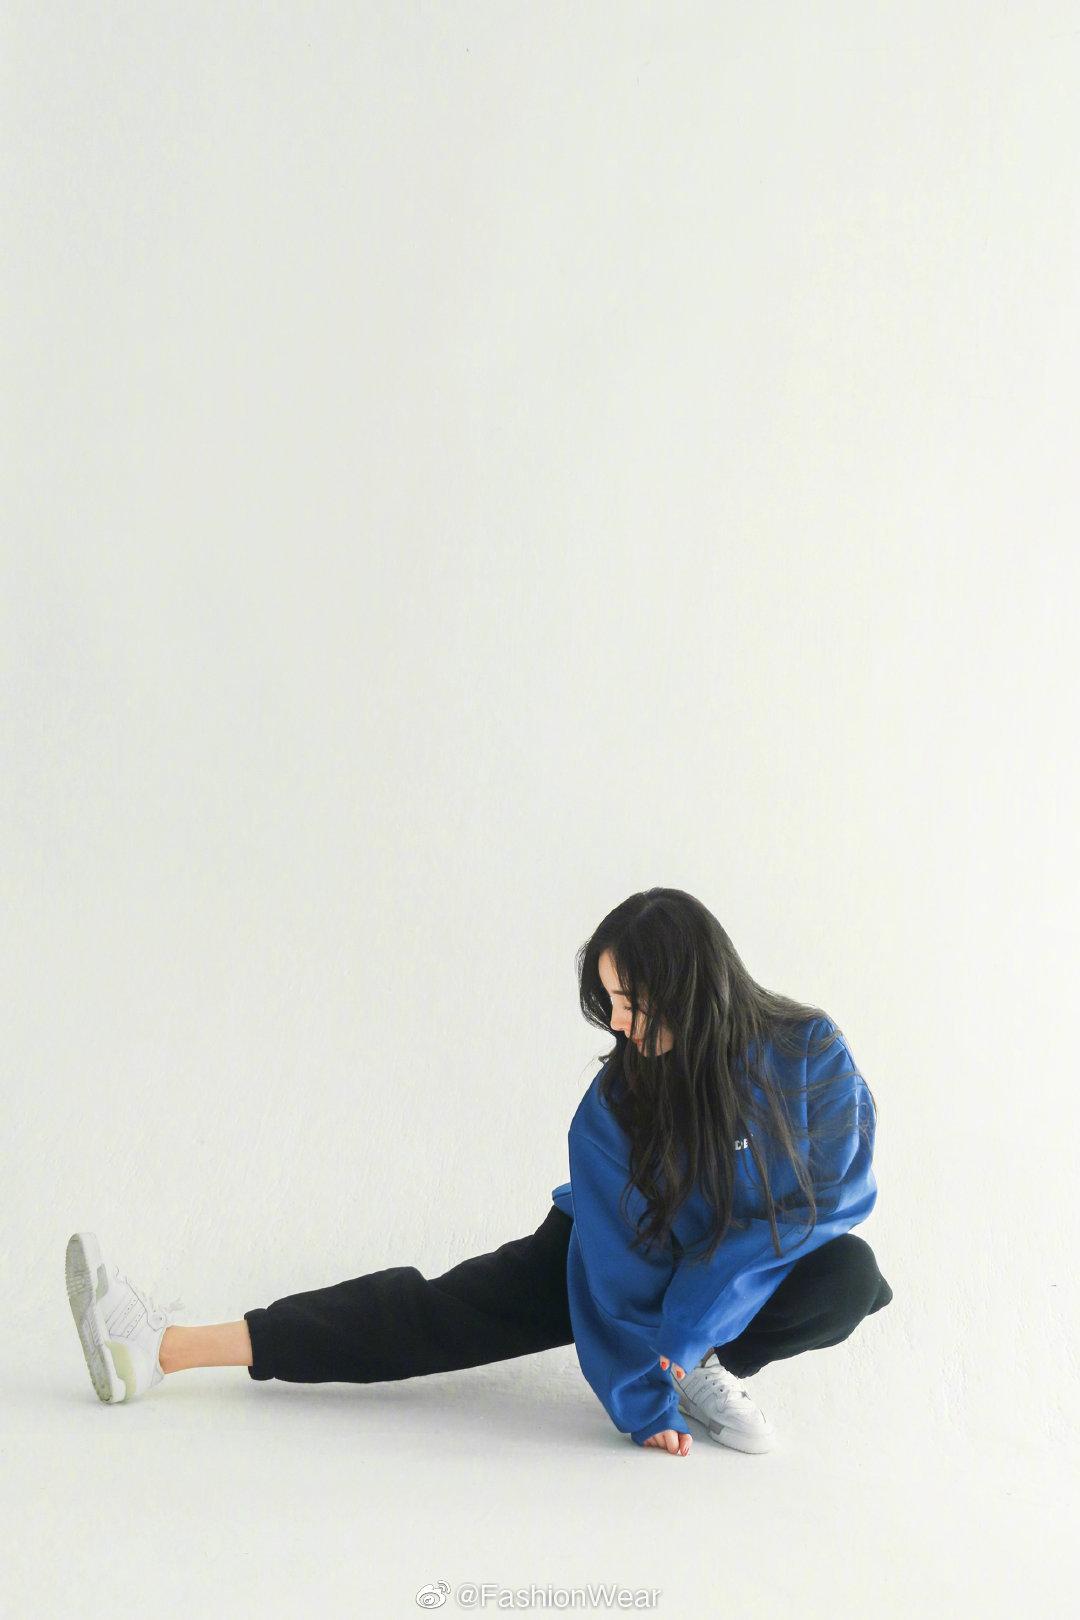 蓝卫衣黑长裤小白鞋,宽大男友风的慵懒,活力满满的广播体操幂